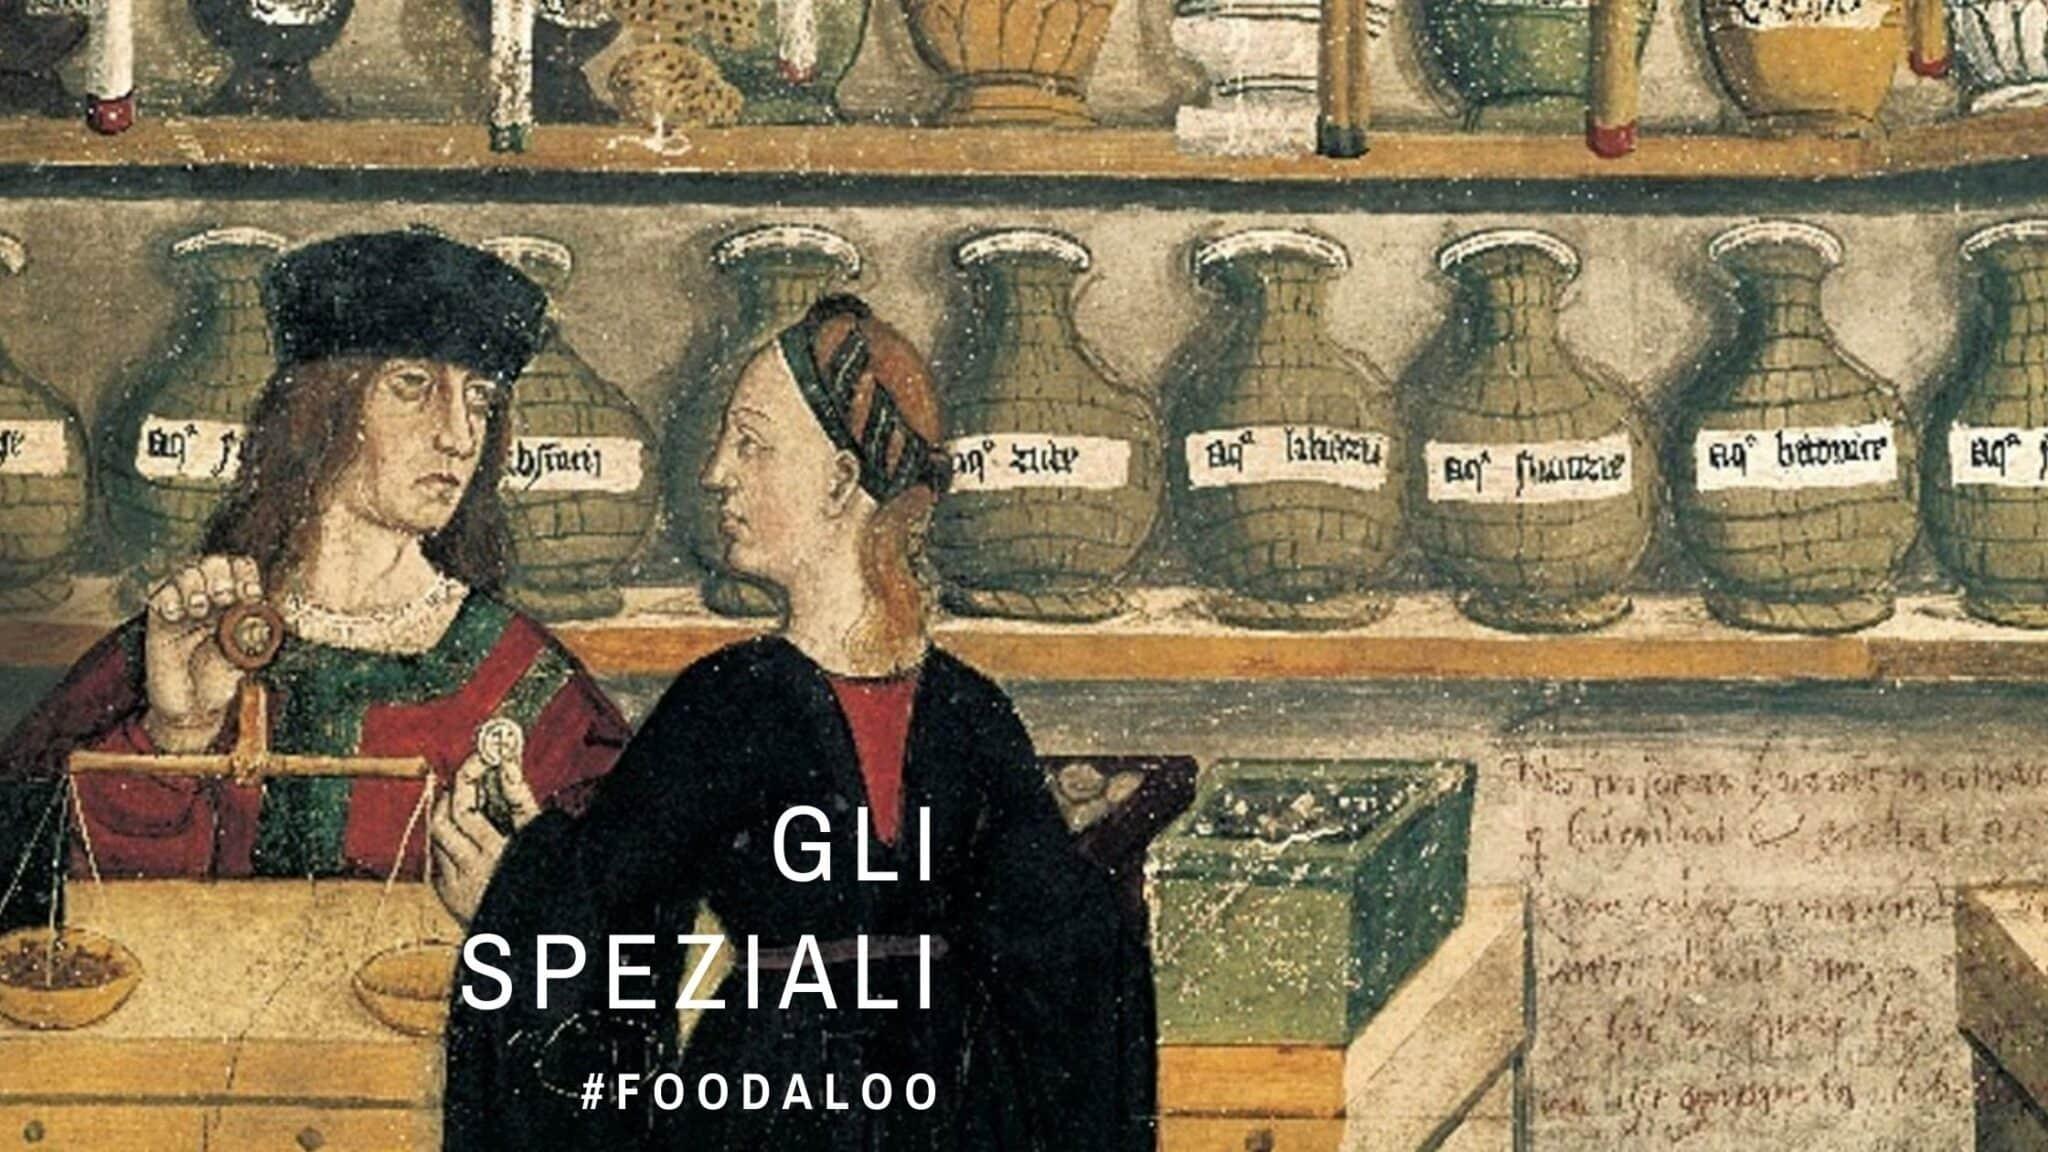 Droghieri medioevali, storia e curiosità dei venditori di spezie dell'antichità